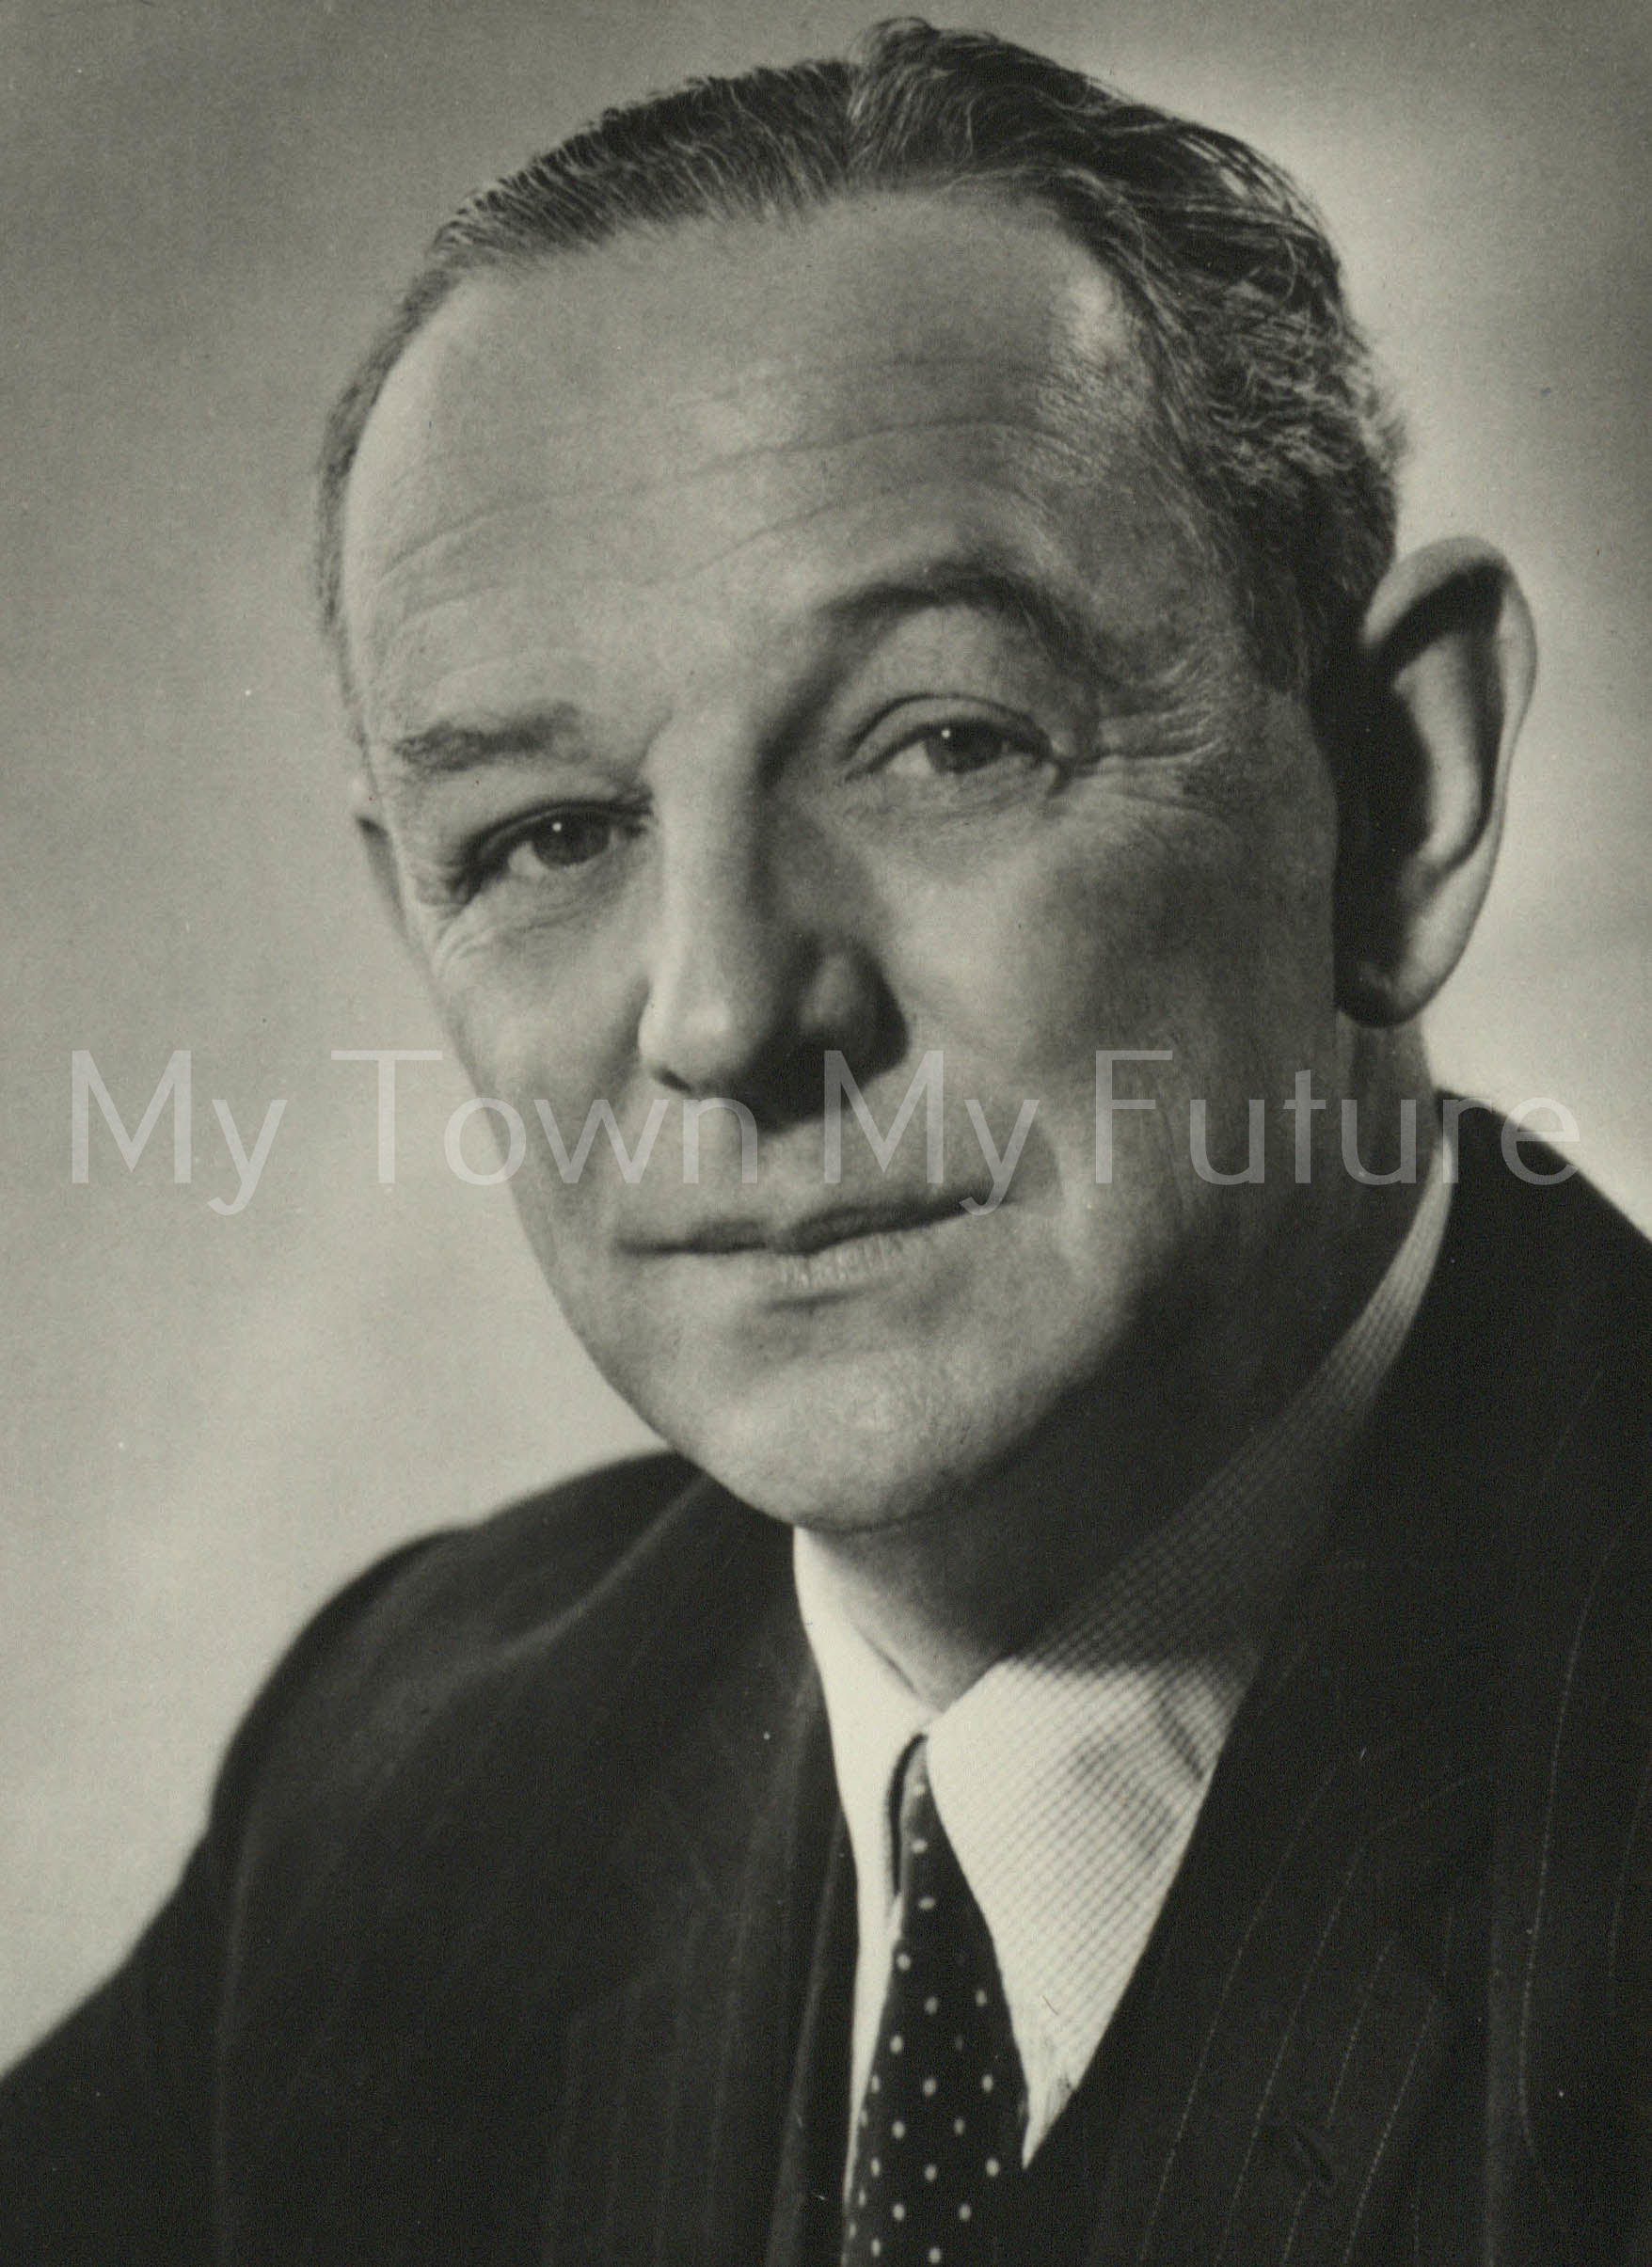 Mr S.W..Kaye